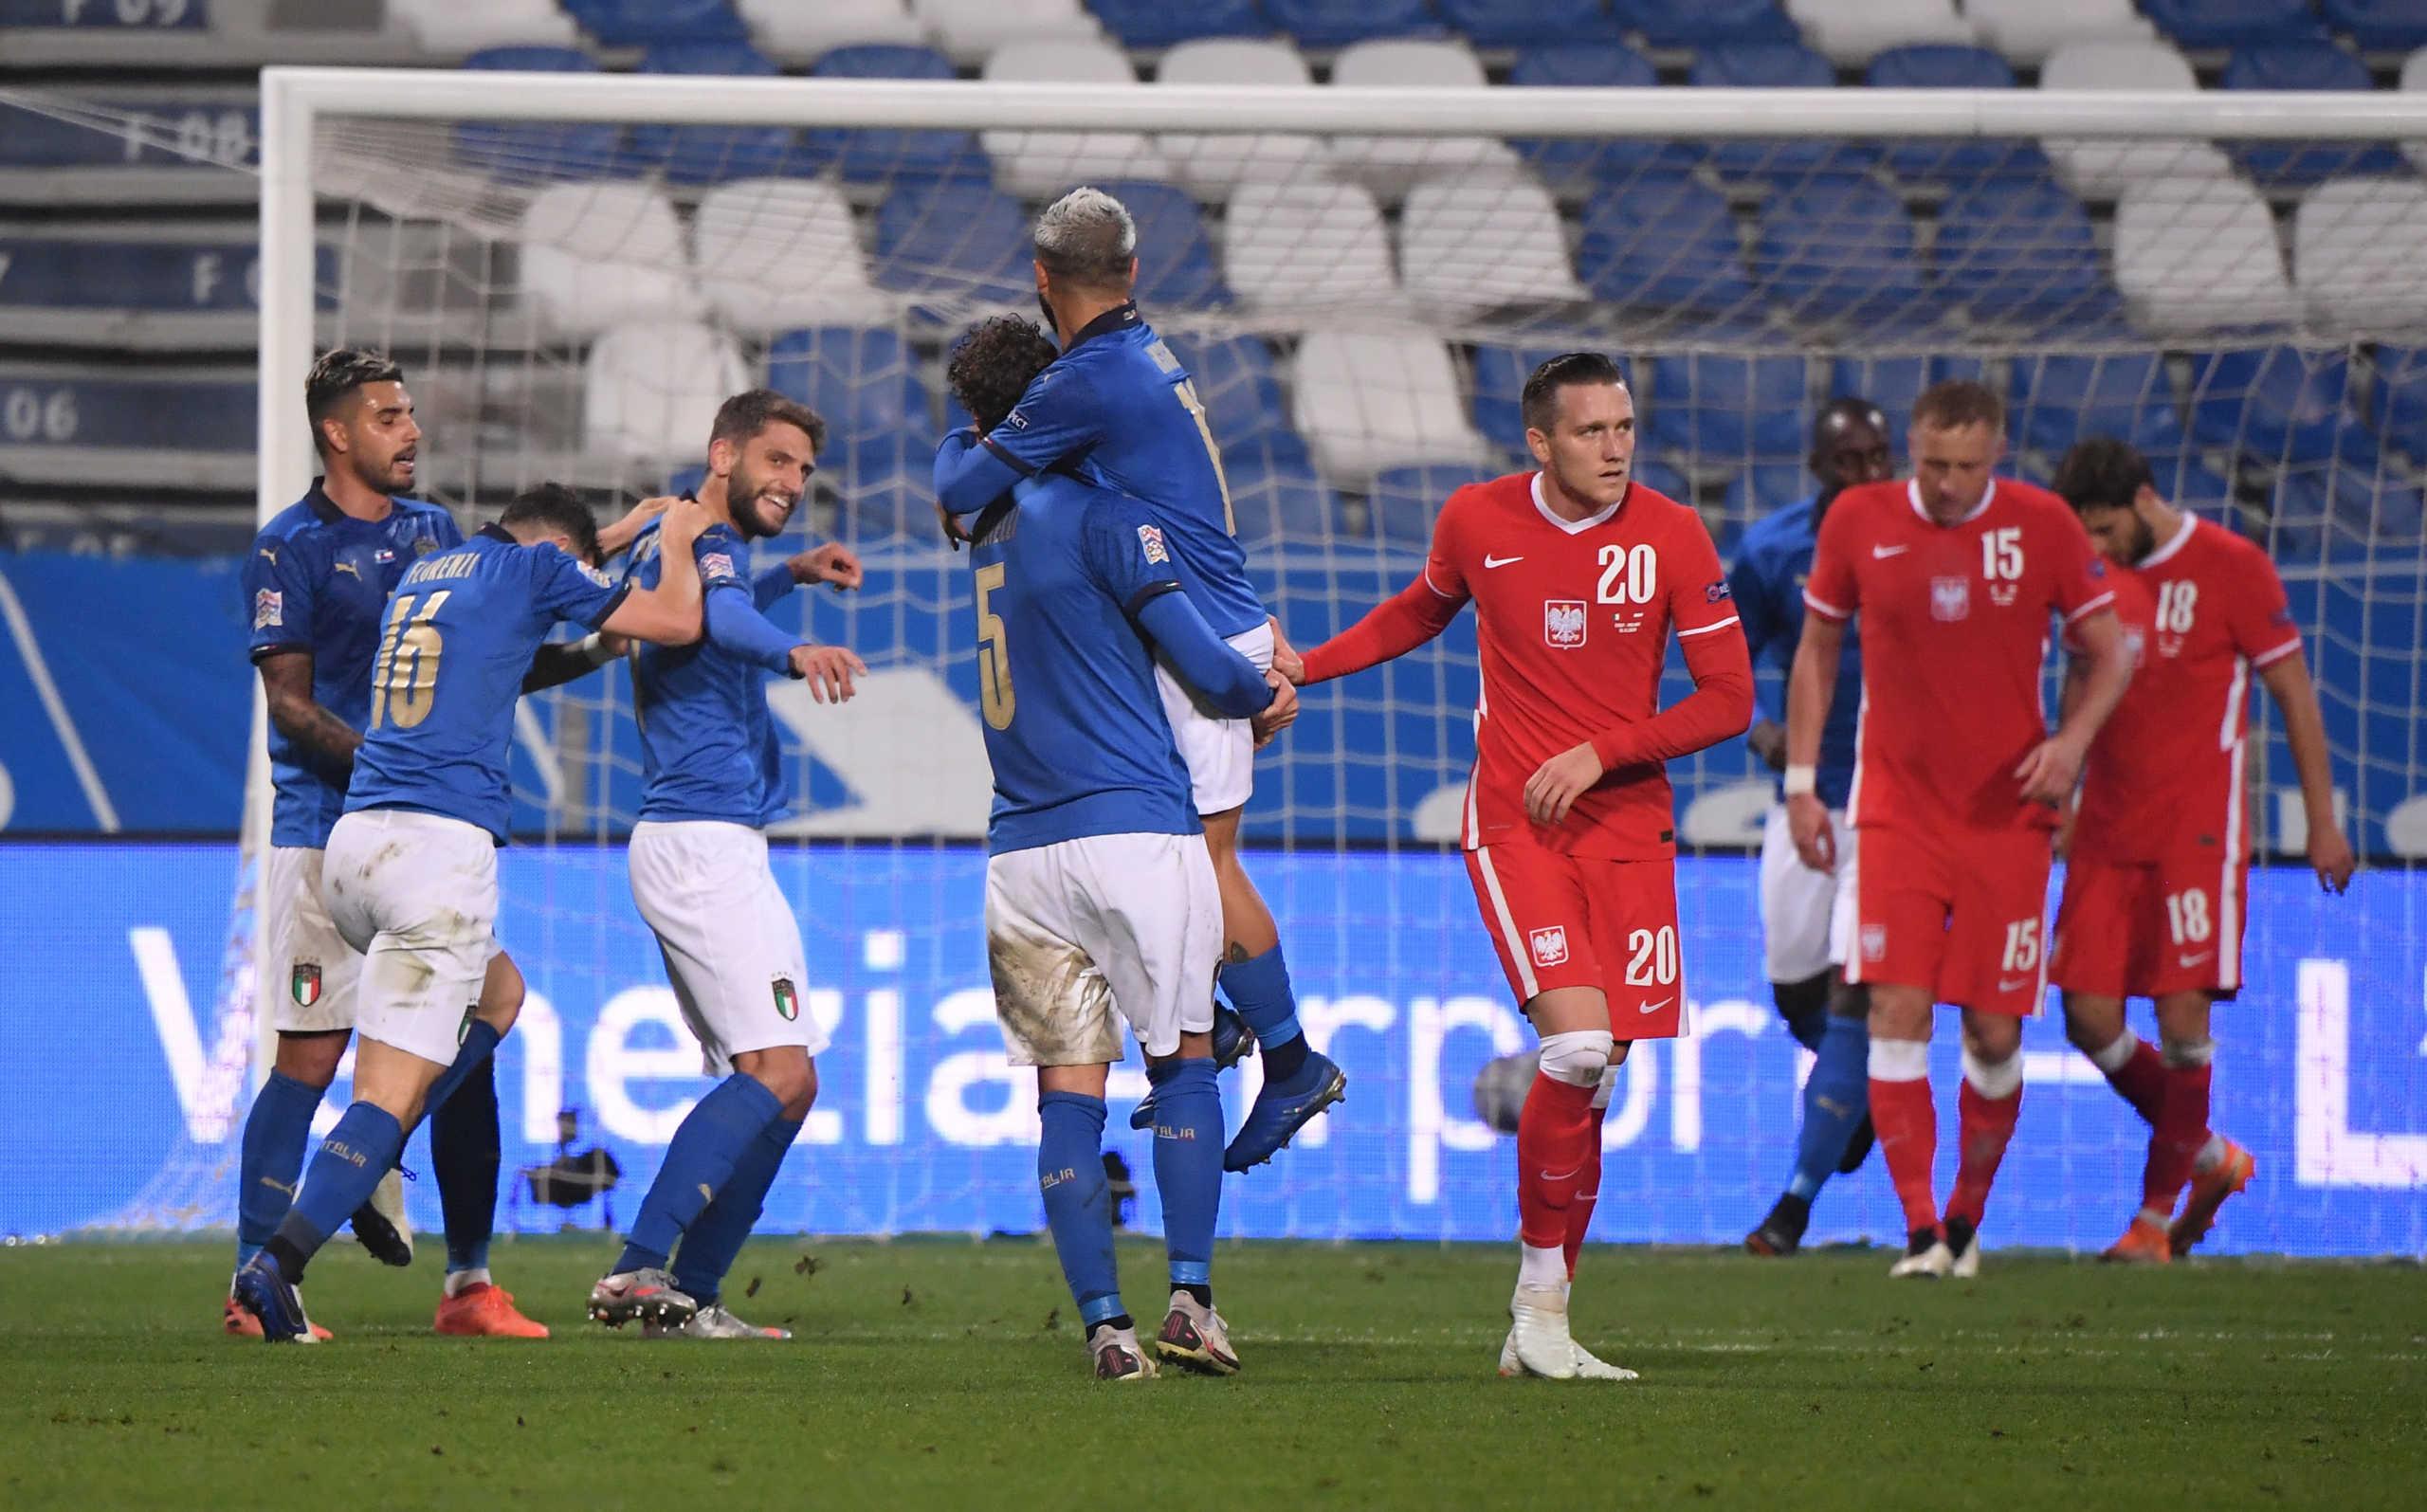 """Nations League: Πρωτιά για την Ιταλία! """"Καθάρισε"""" την Αγγλία το Βέλγιο – Όλα τα αποτελέσματα (videos)"""